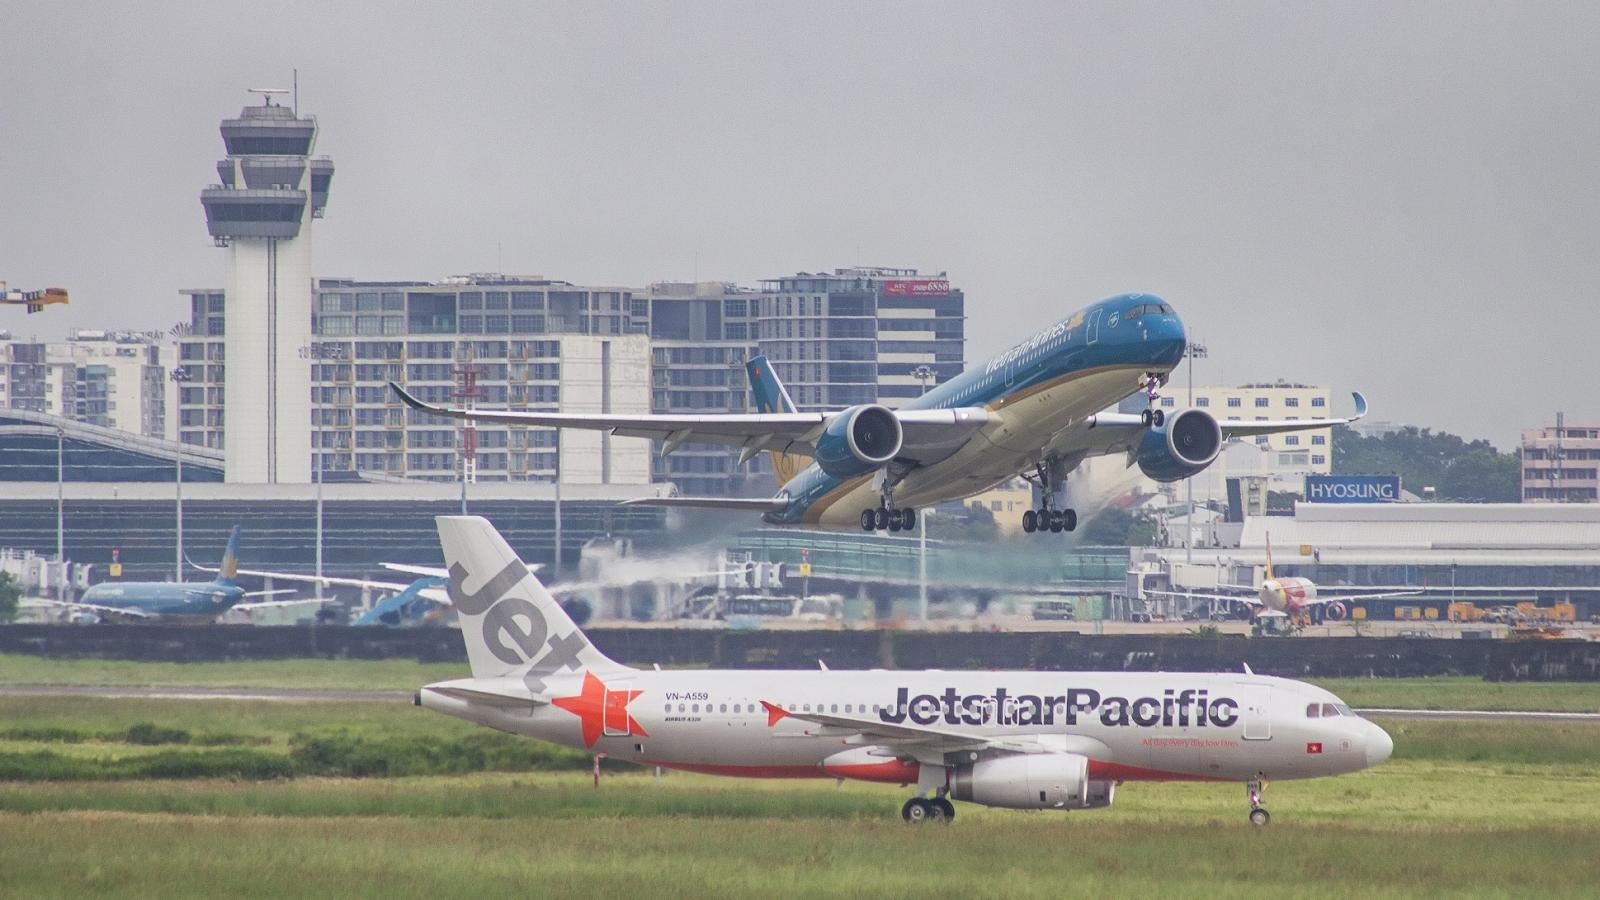 Hủy hàng loạt chuyến bay đi, đến từ Vinh, Huế và Đà Lạt do thời tiết xấu